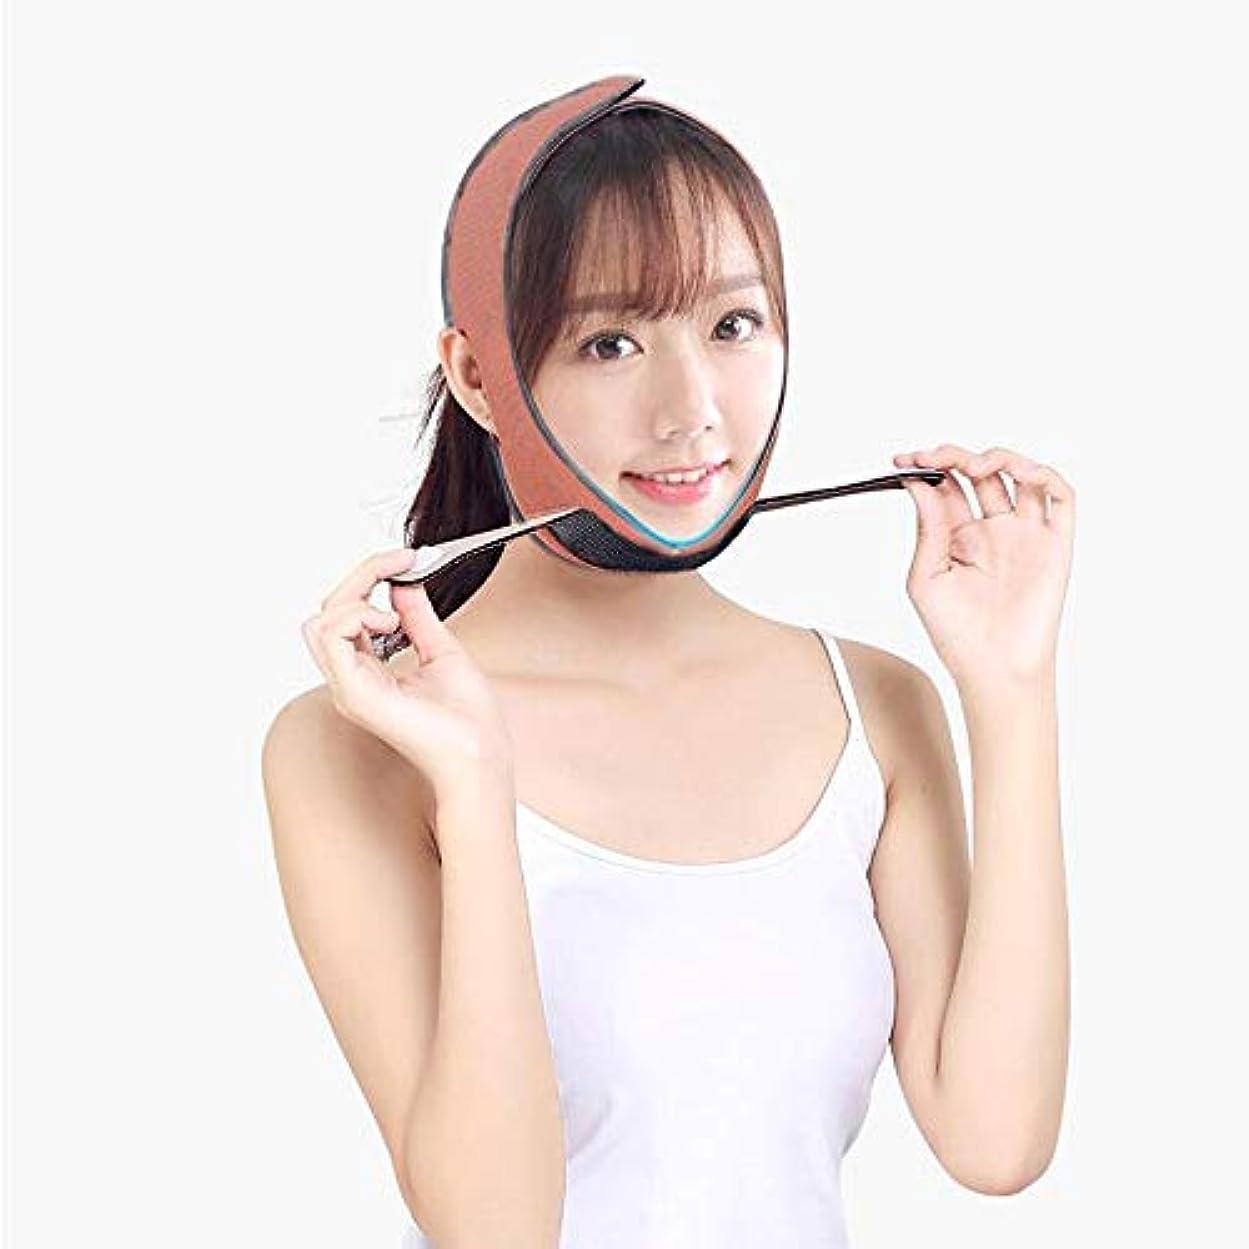 伝染性力学実業家BS フェイシャルリフティングスリミングベルト - 薄いフェイス包帯Vフェイス包帯マスクフェイシャルマッサージャー無料整形マスク顔と首の顔を引き締めますスリム フェイスリフティングアーティファクト